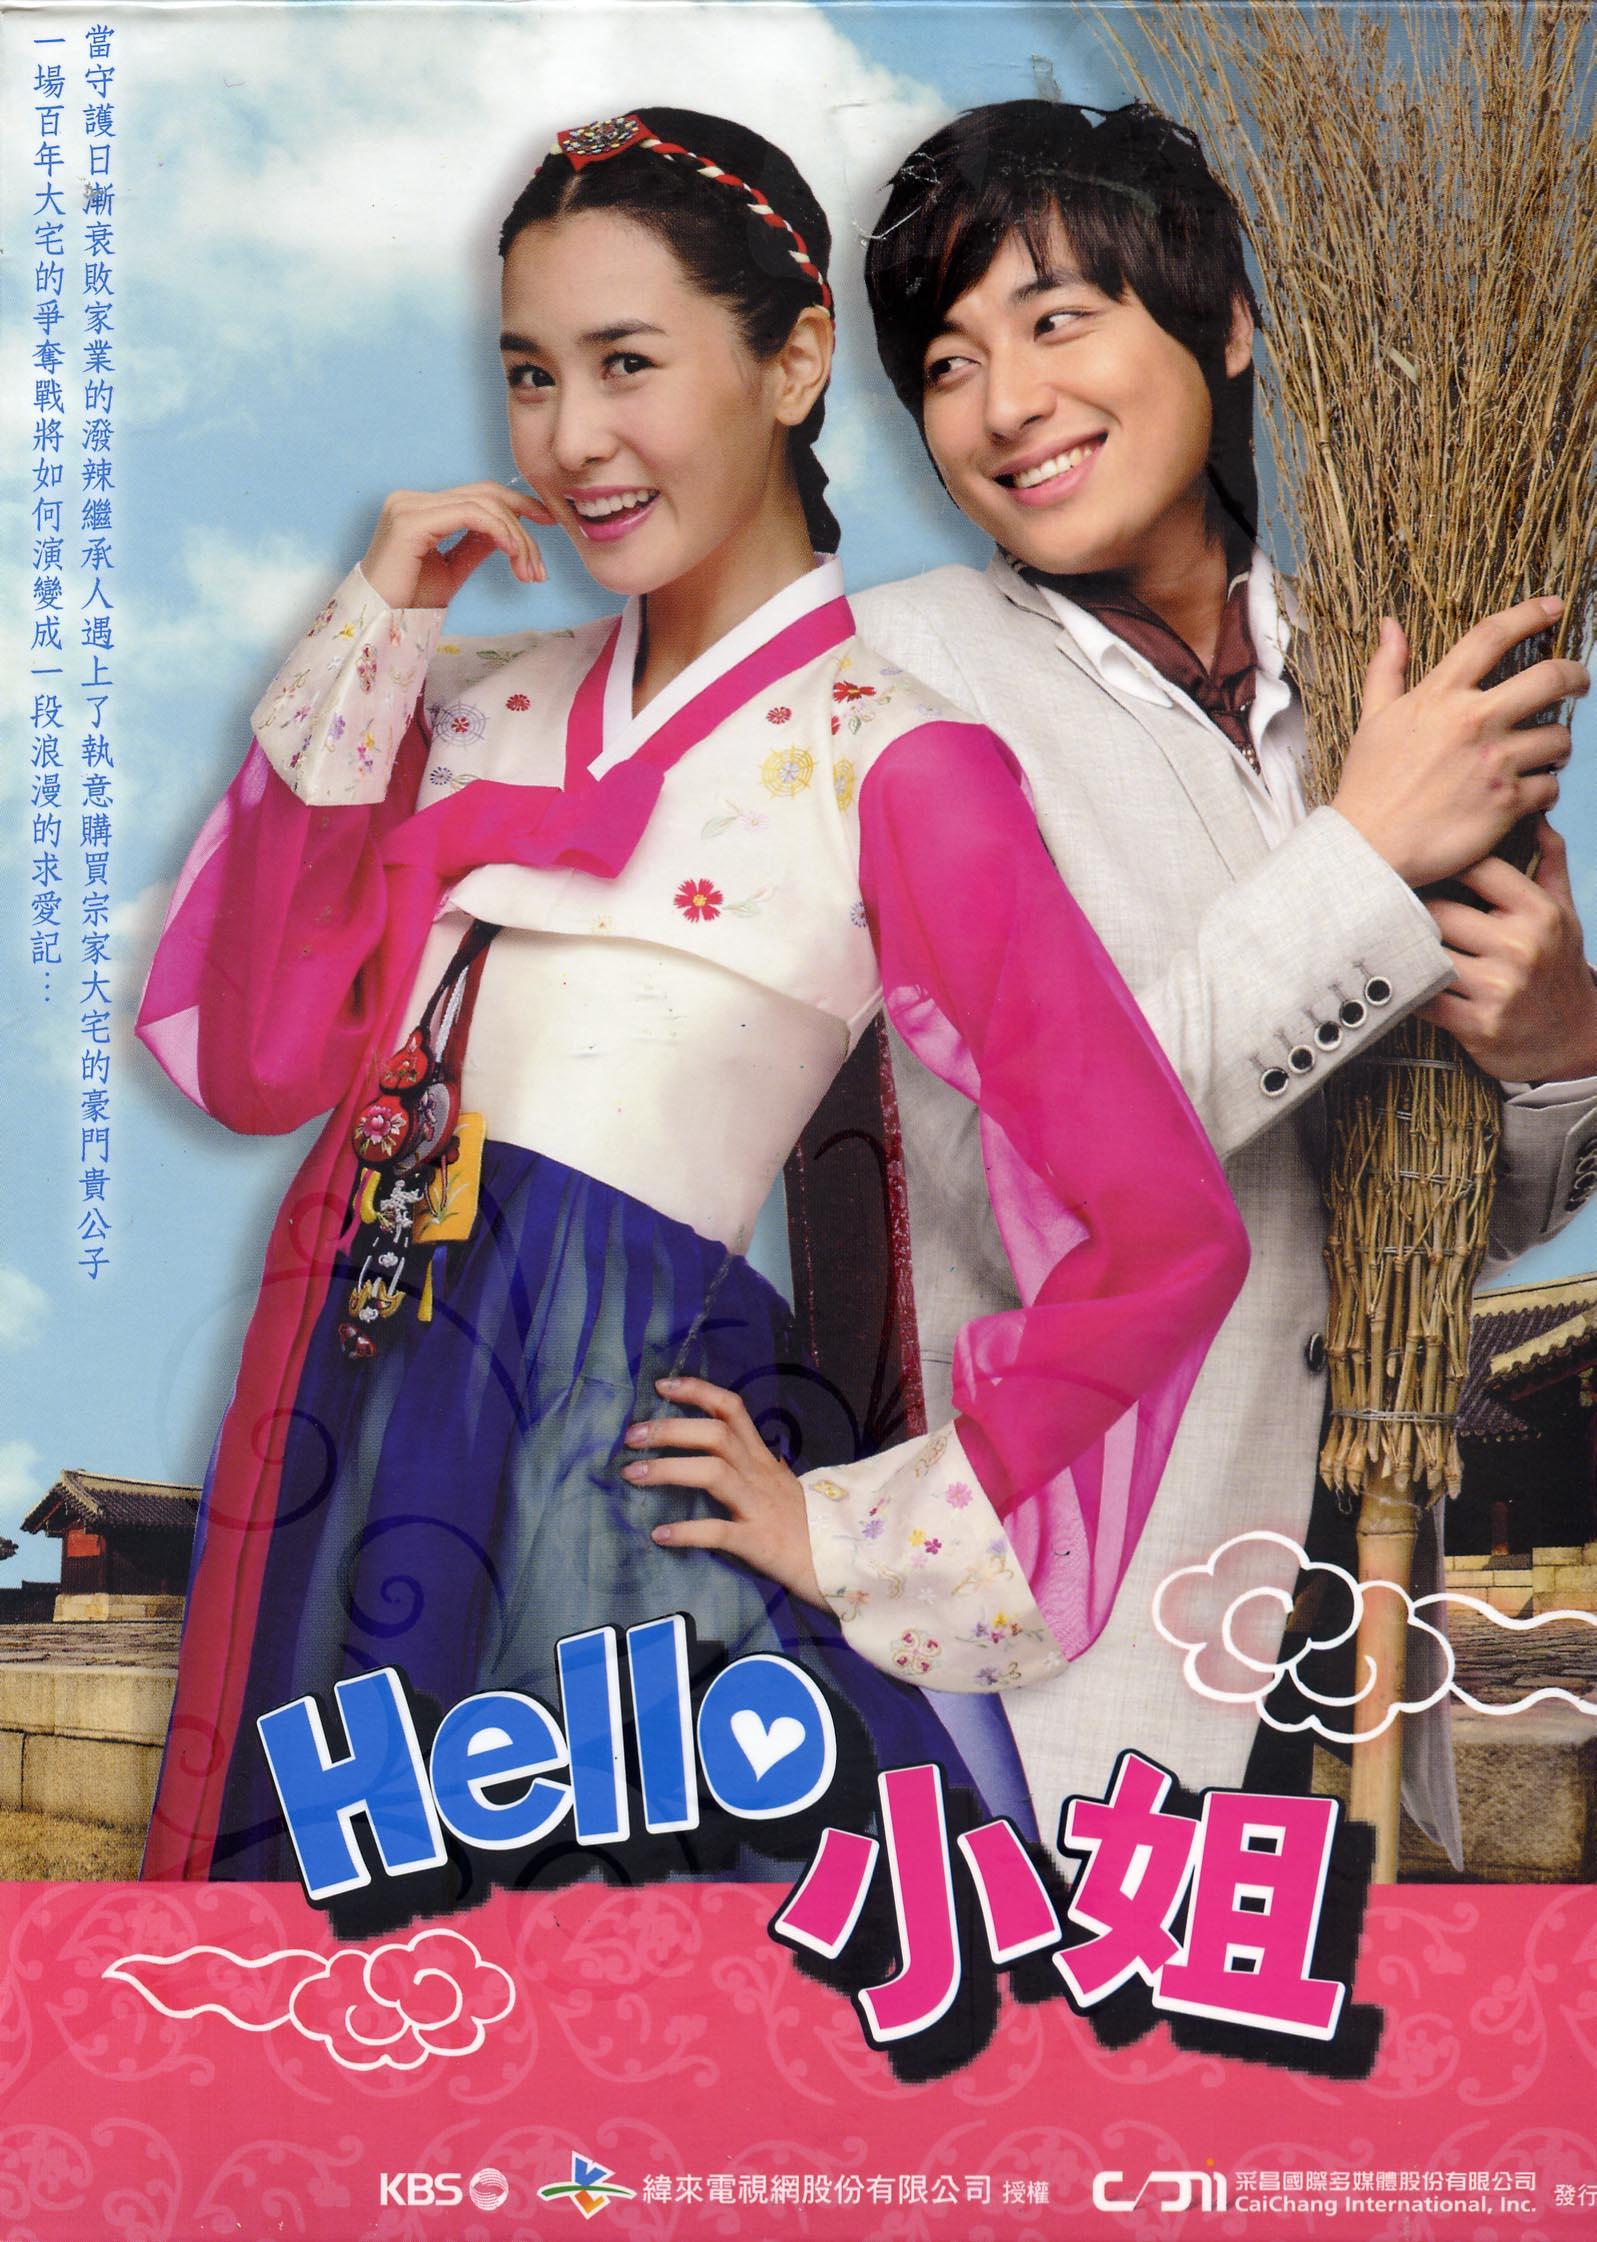 《hello,小姐》,韩国KBS2007年月火剧场连续剧.改编自韩国...